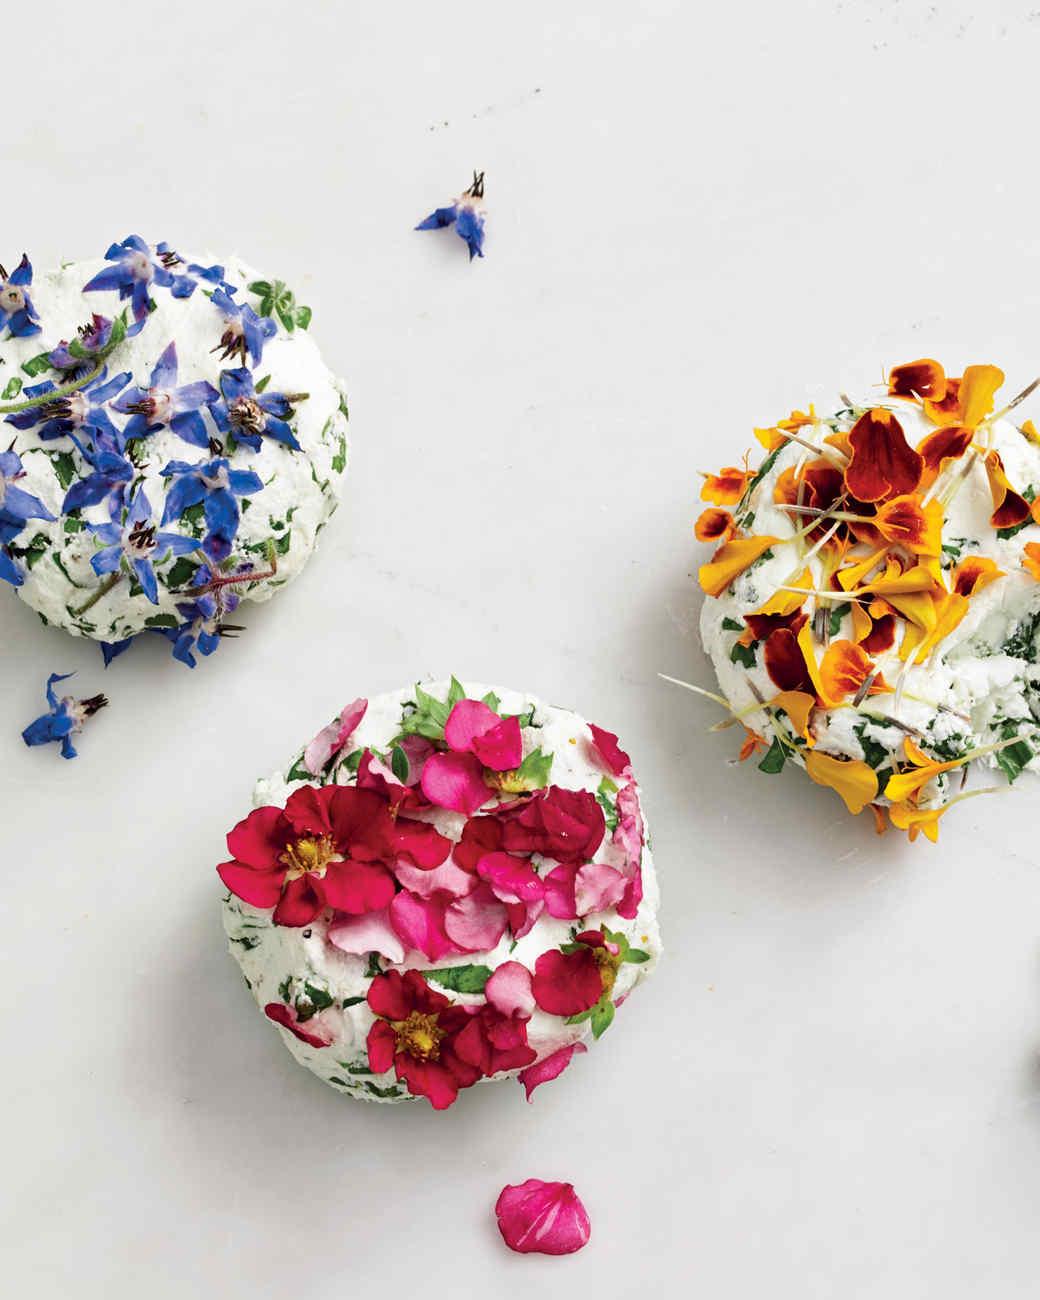 edible-flowers-cheese-9780307954442.jpg